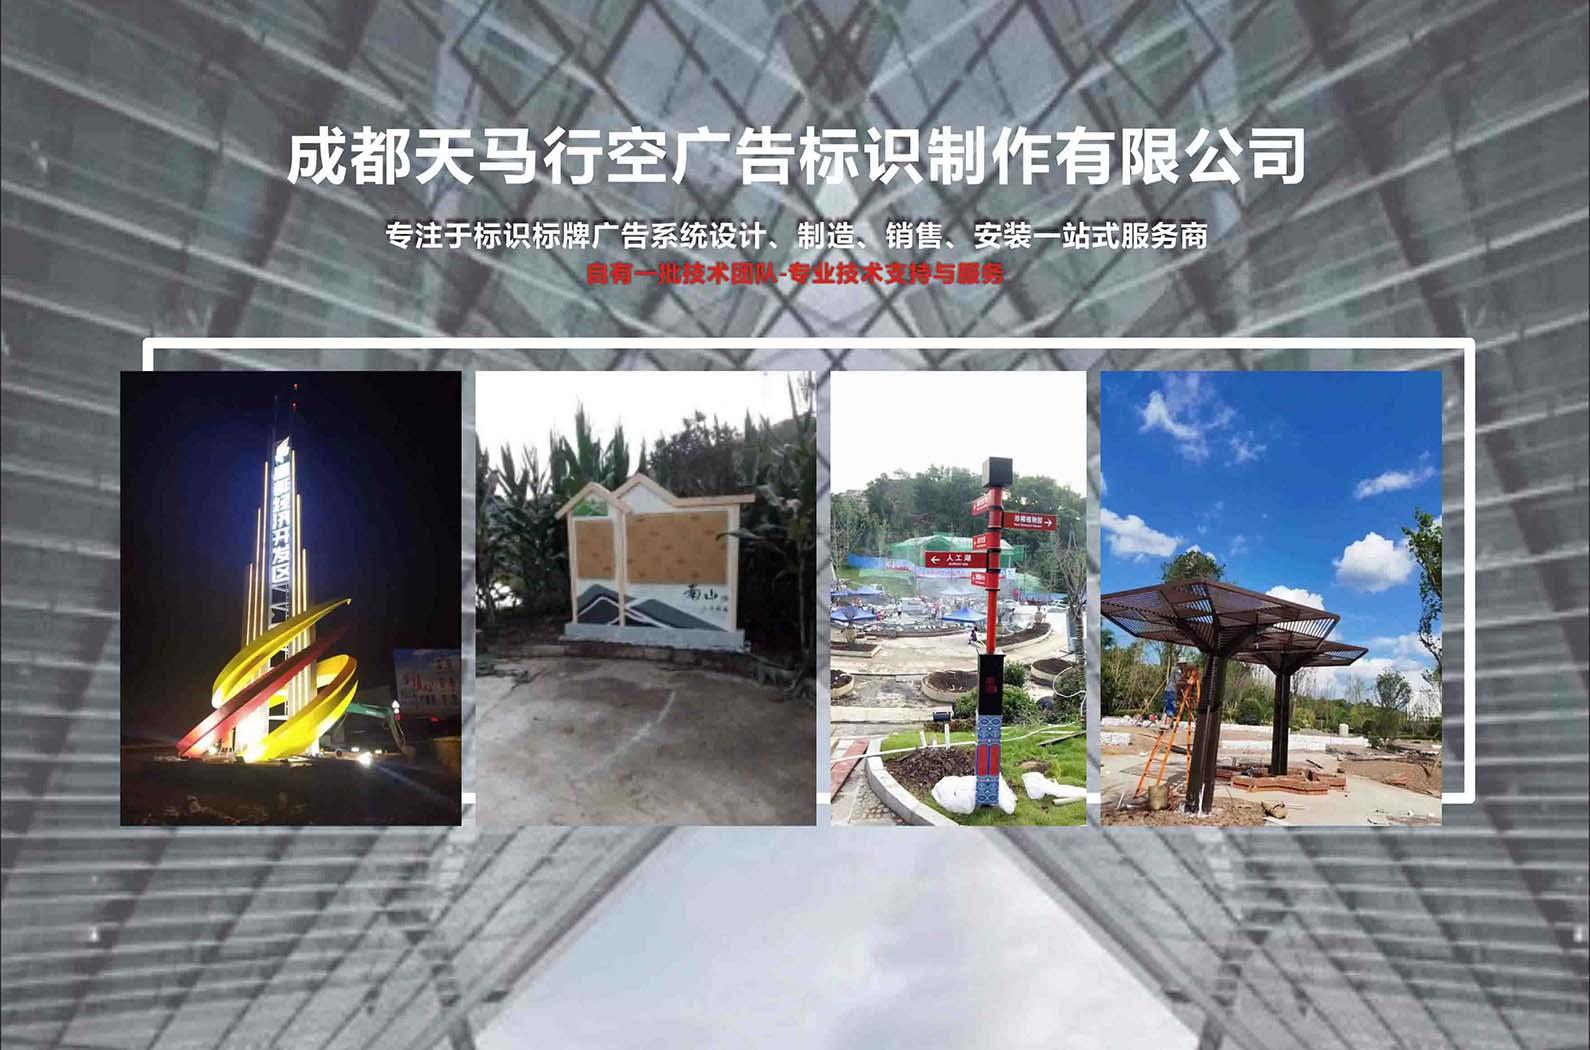 西藏医院导视制作厂家